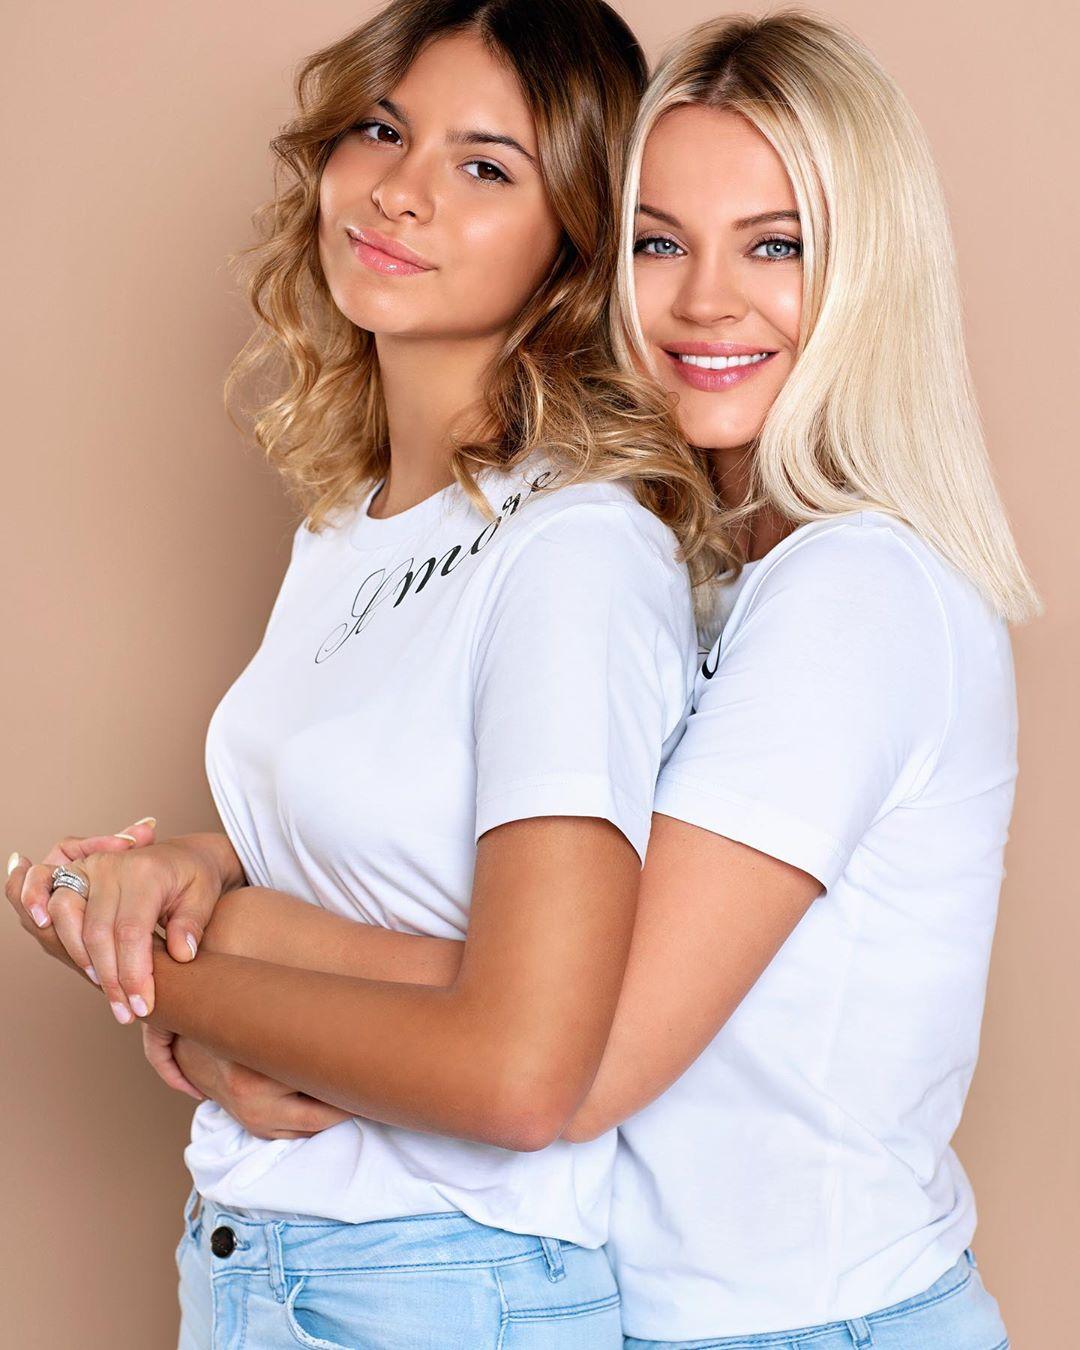 Ирина Ортман показала фото с красавицей-дочерью своего мужа